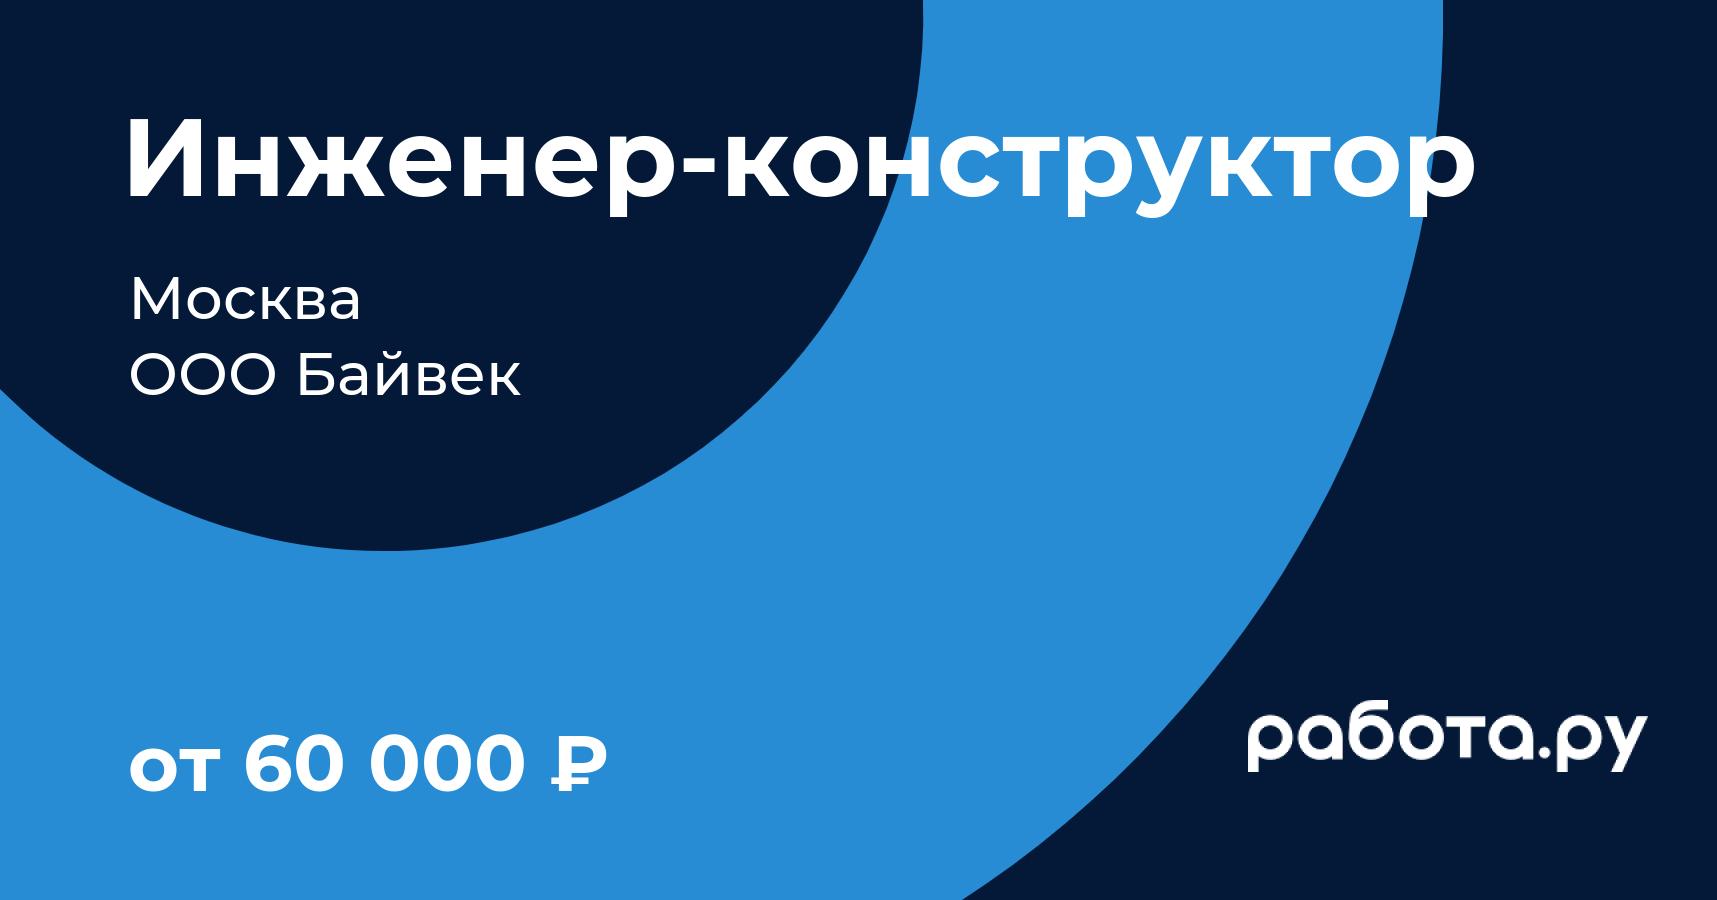 Работа в 3d max вакансии удаленной фрилансер россия сайт